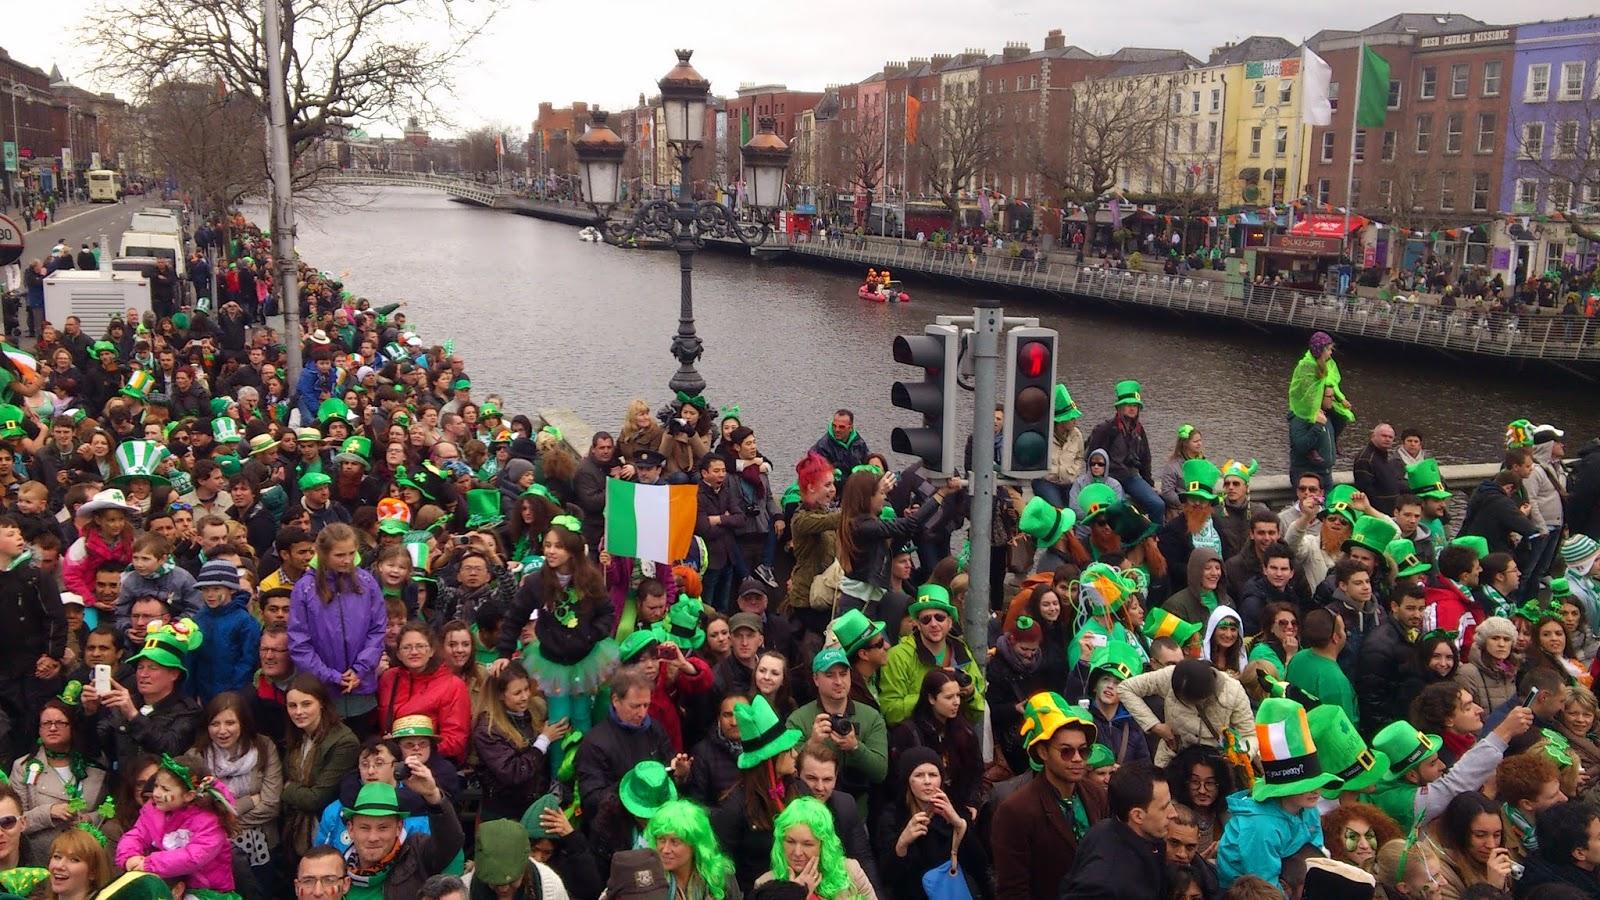 Felicidad por todas partes. Desfile de San Patricio en Dublín